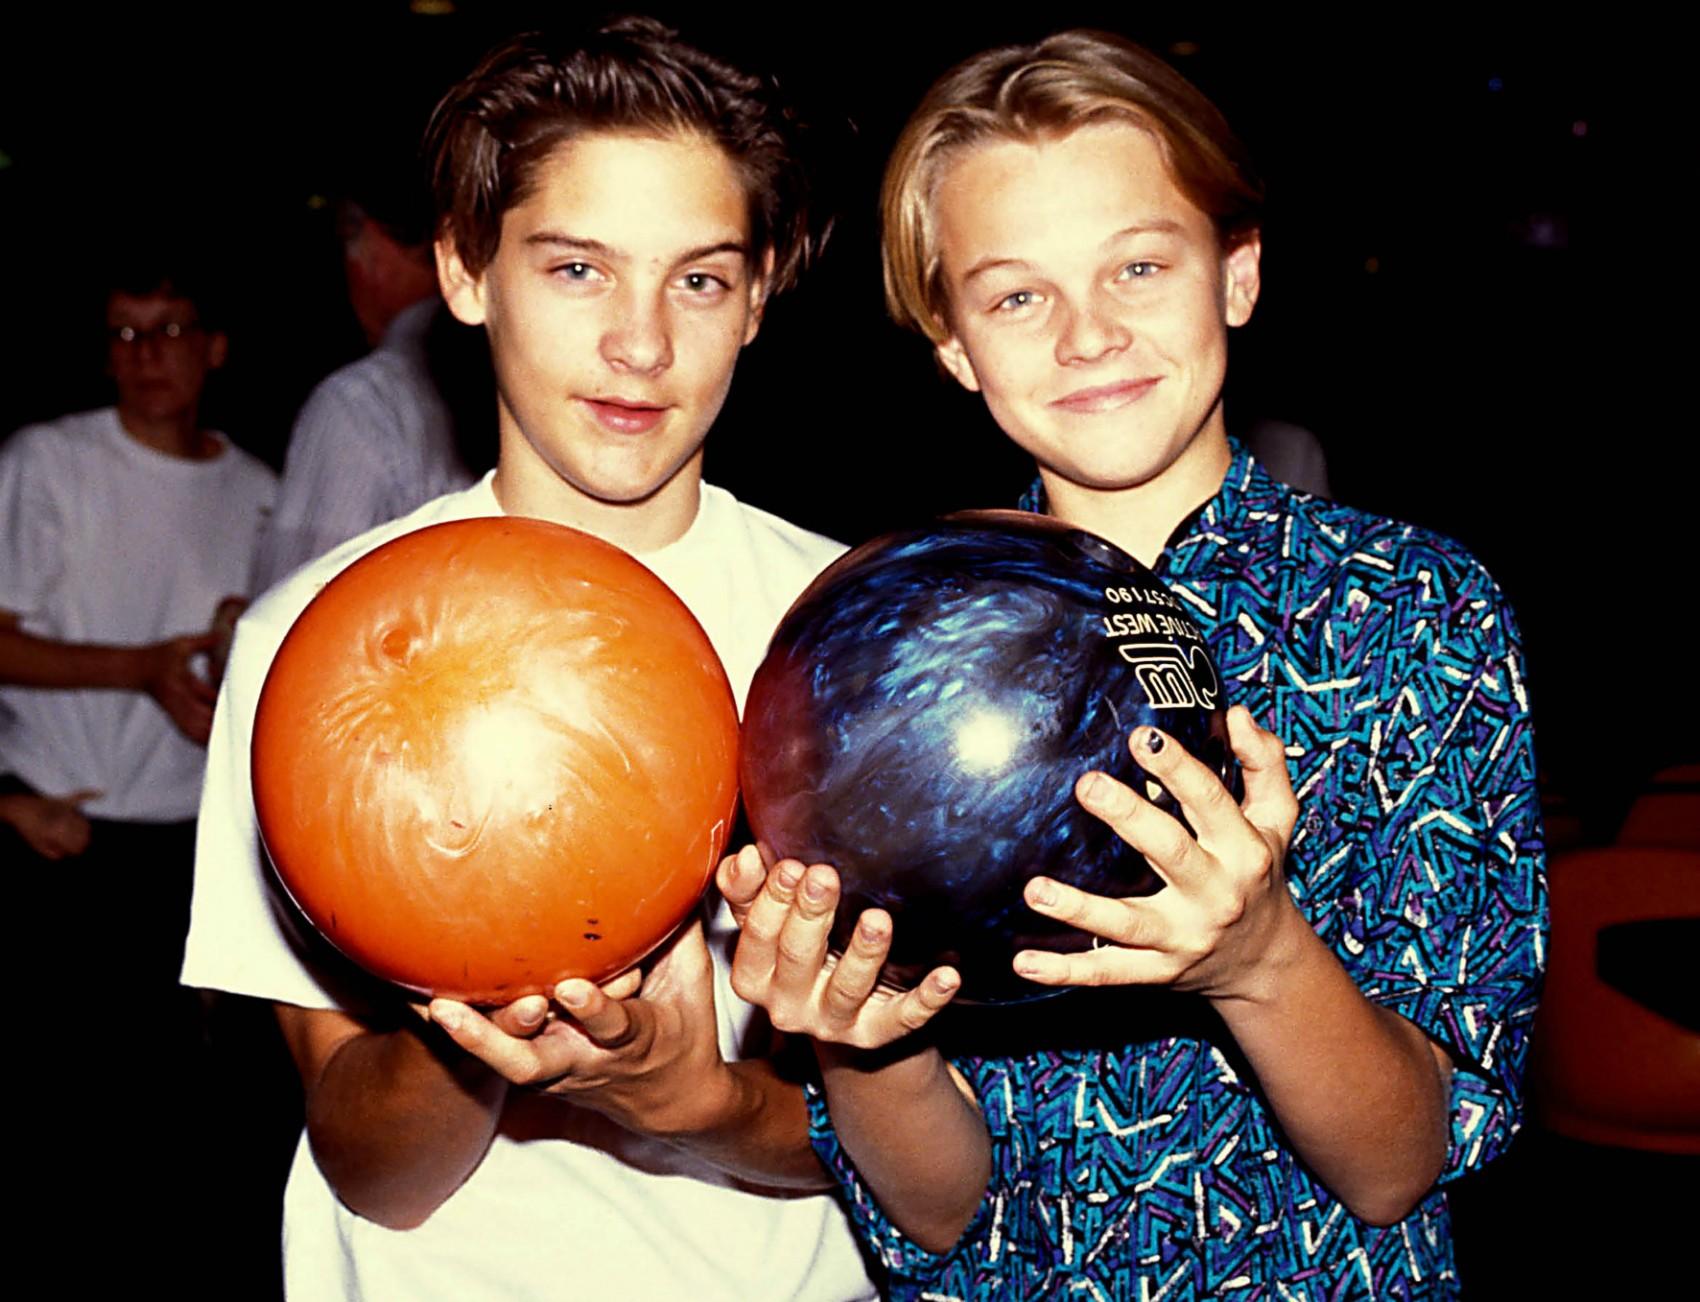 Leonardo DiCaprio (à dir.) e Tobey Maguire ficaram amigos quando eram atores-mirins em Hollywood. Ambos atualmente estão prestes a completar 40 anos. (Foto: Zuma Press/Keystone Brasil)